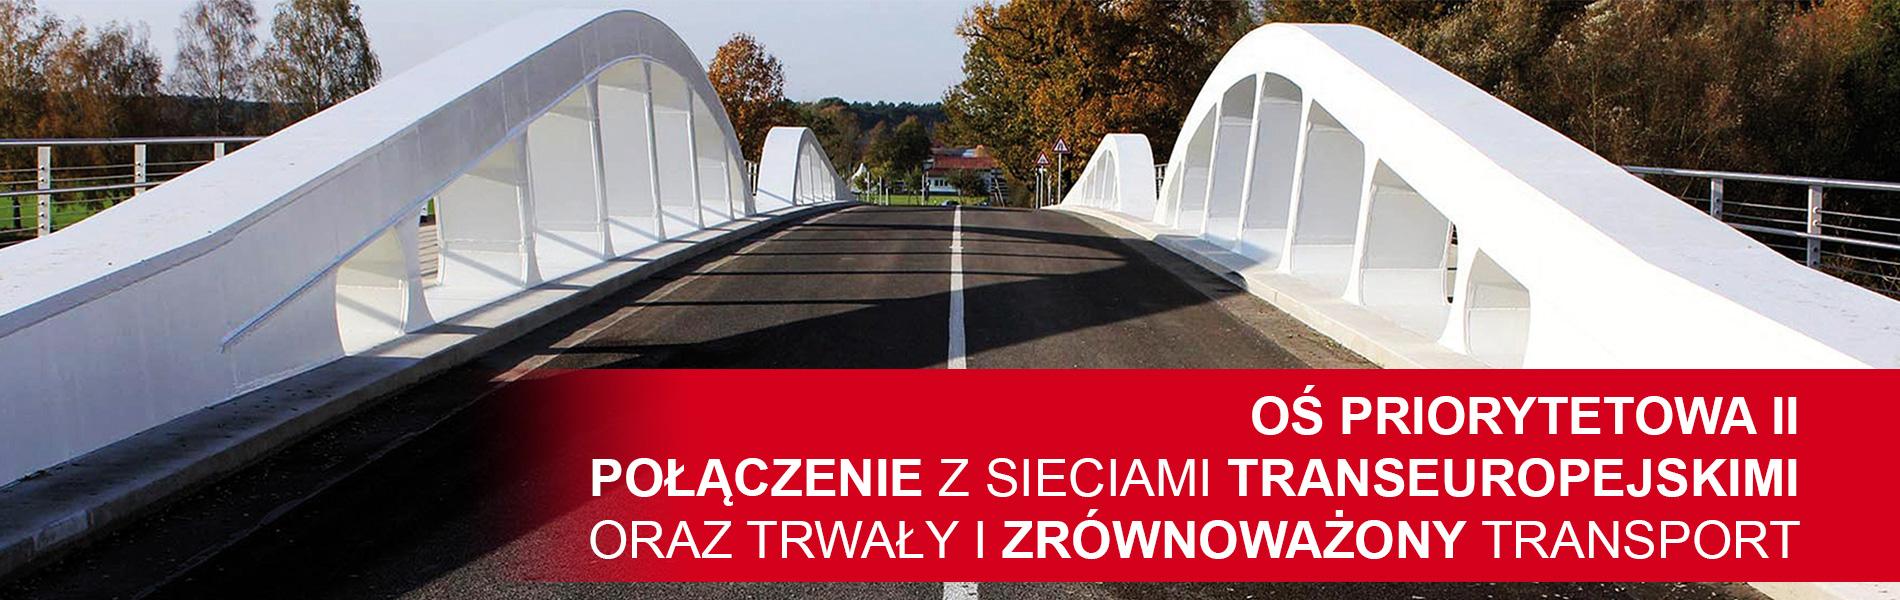 160225_Titelbild_2_pl